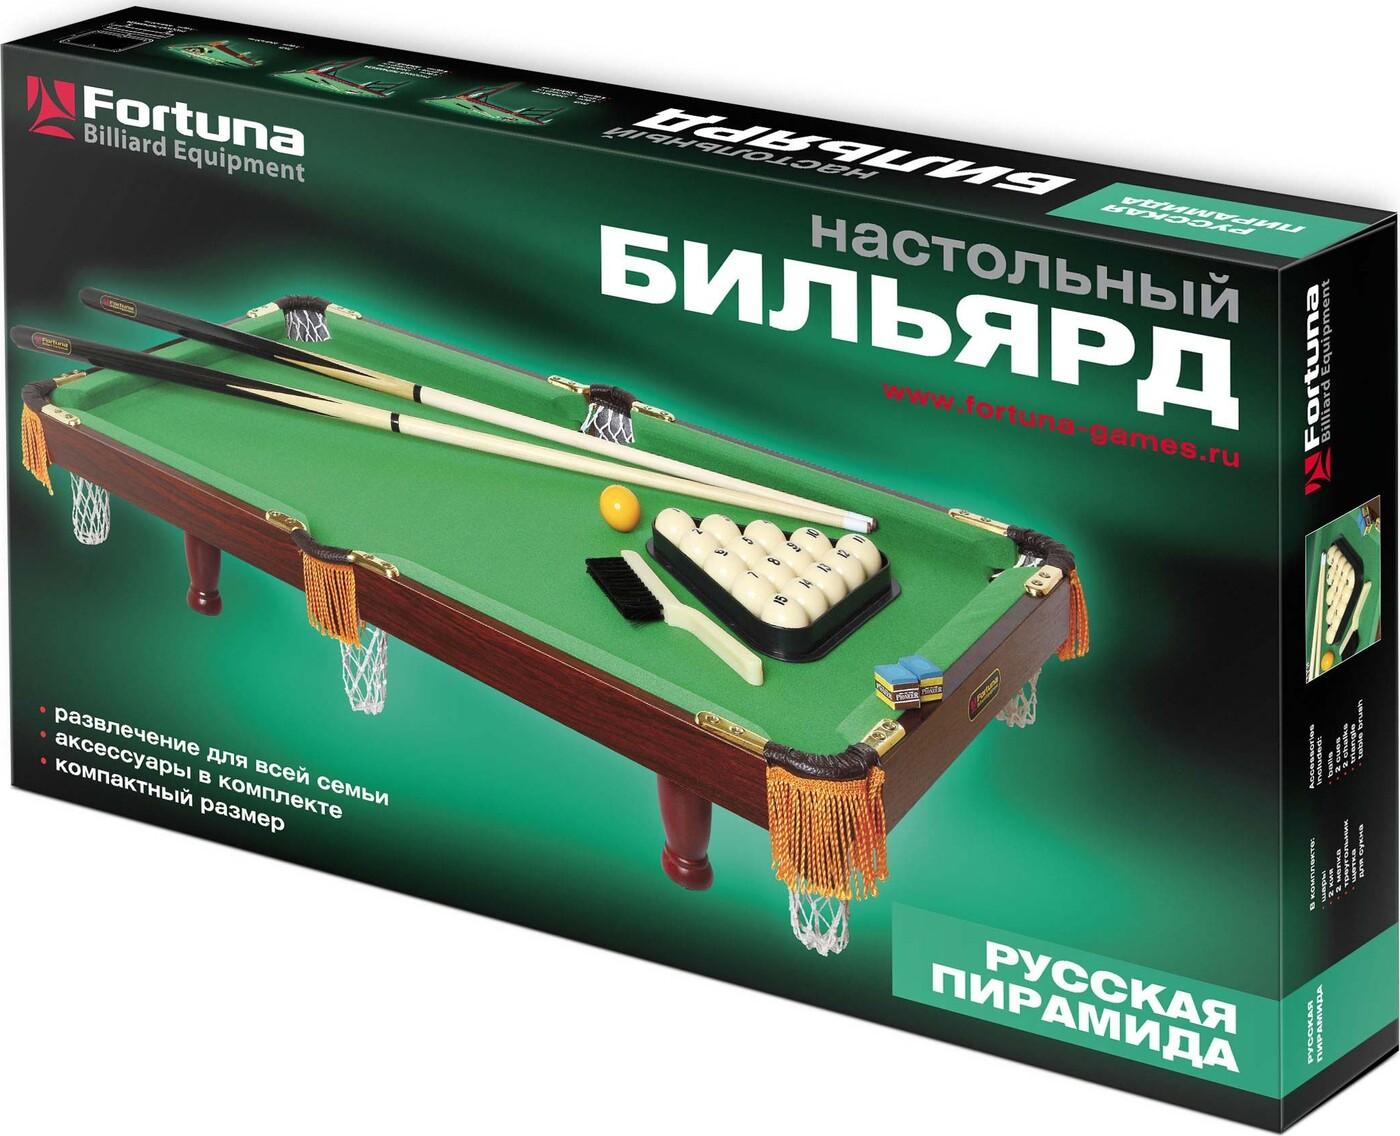 Бильярдный стол Fortuna русская пирамида 3фт c комплектом аксессуаров